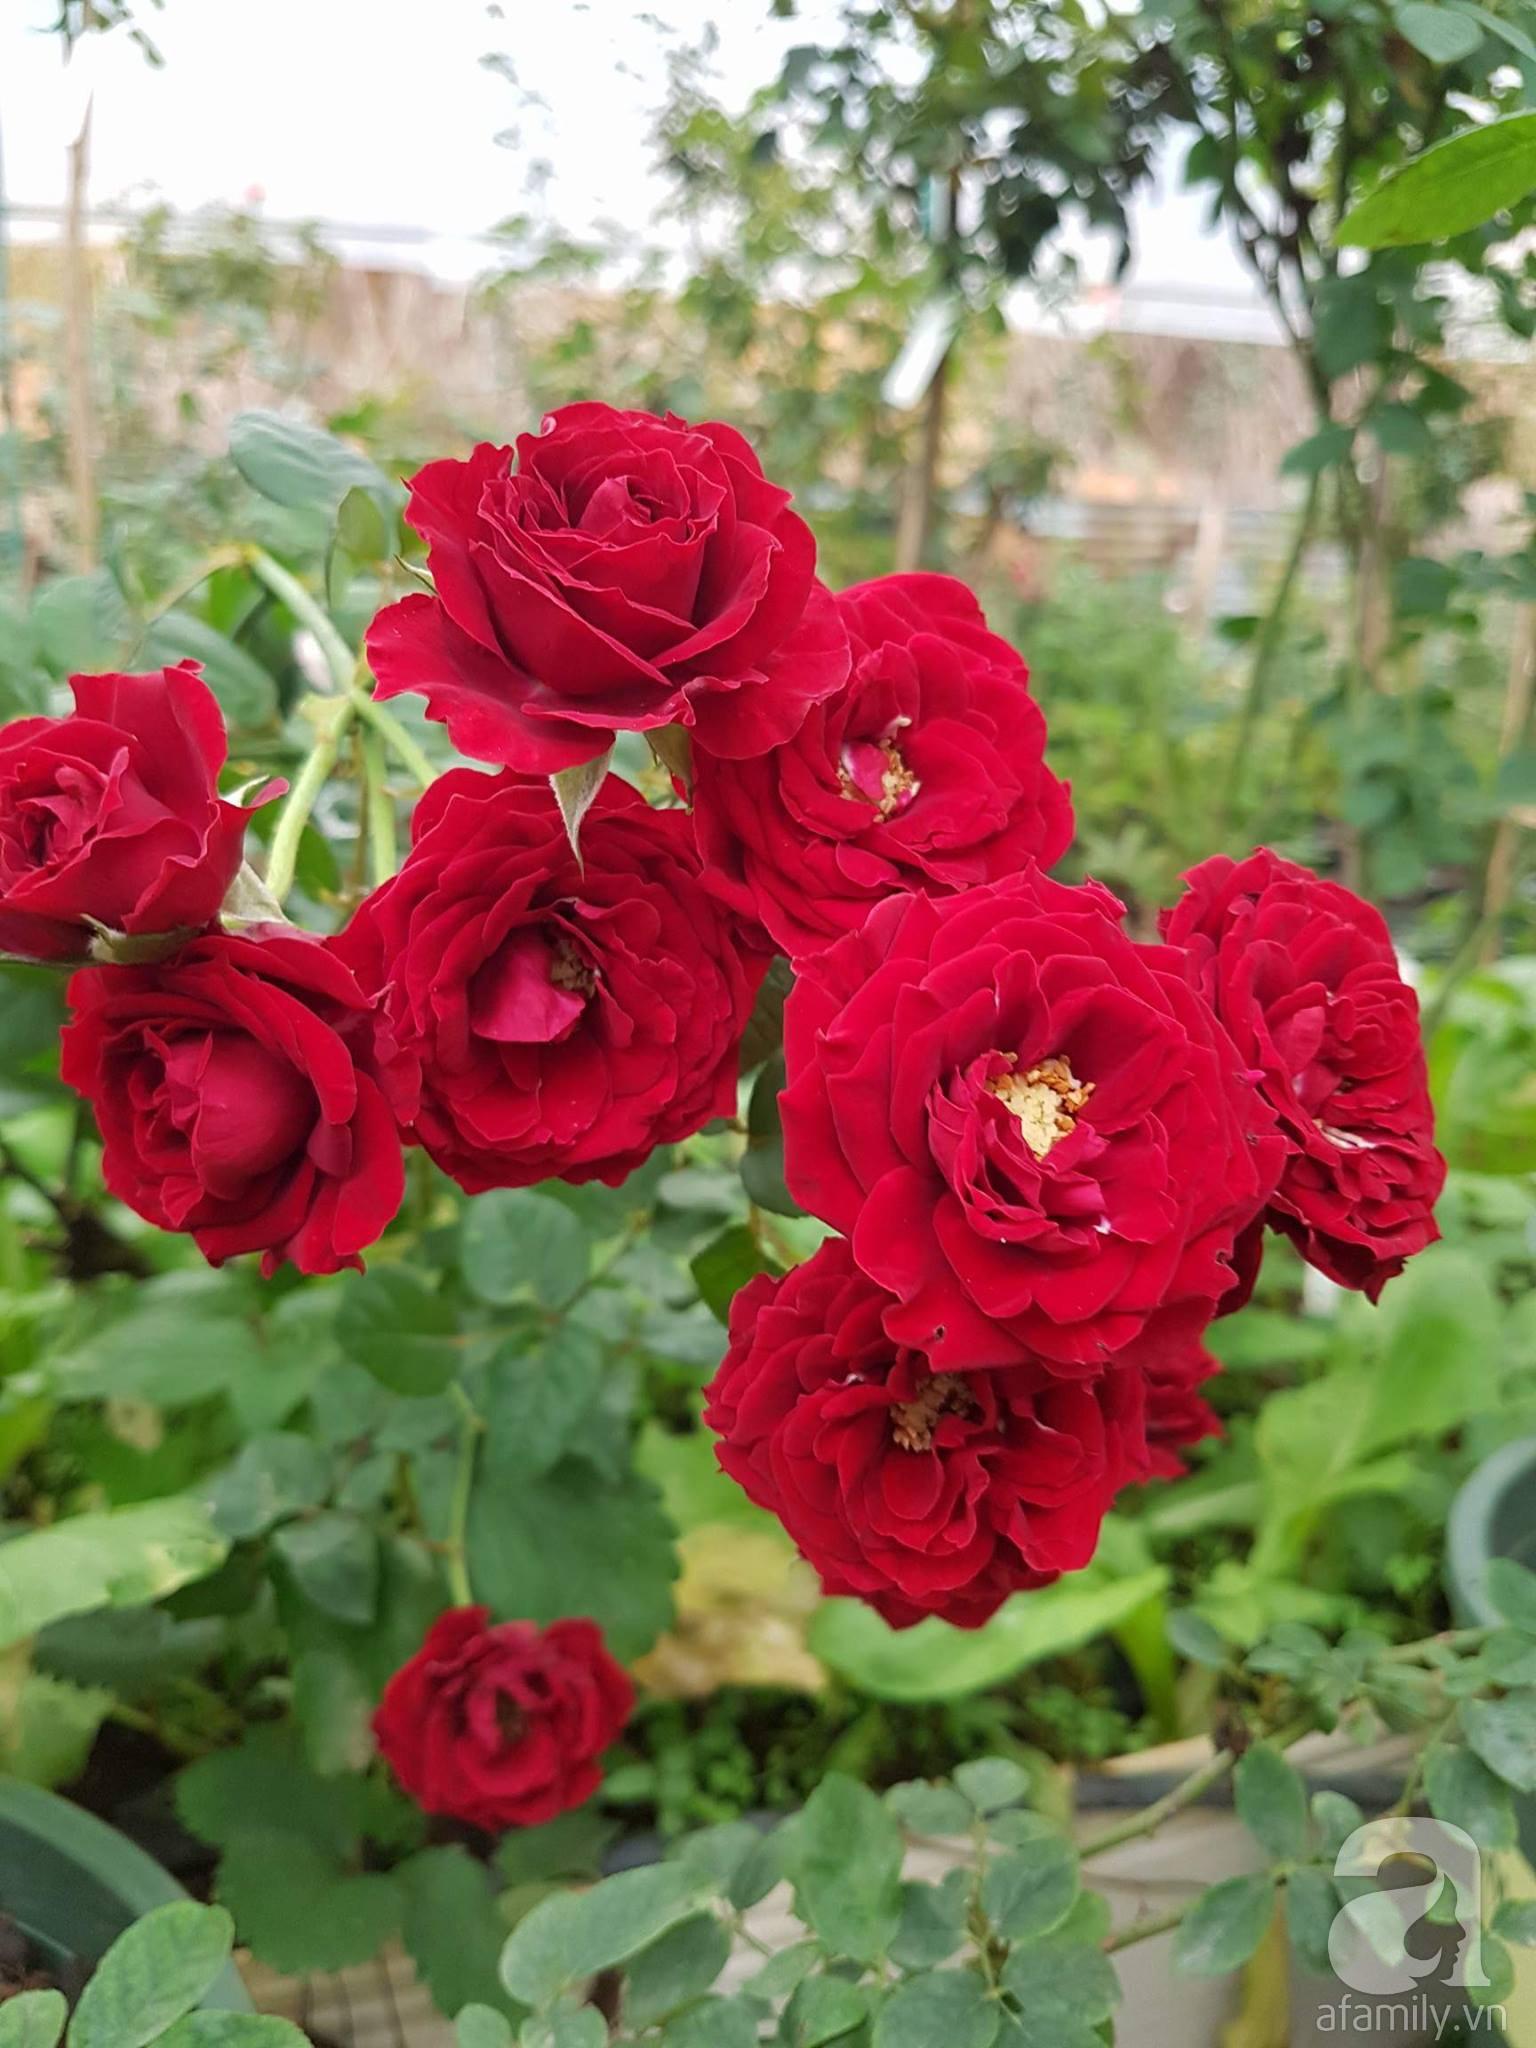 Người bố trồng cả vườn hồng đẹp như mơ để dành tặng con gái yêu ở Đà Lạt - Ảnh 10.